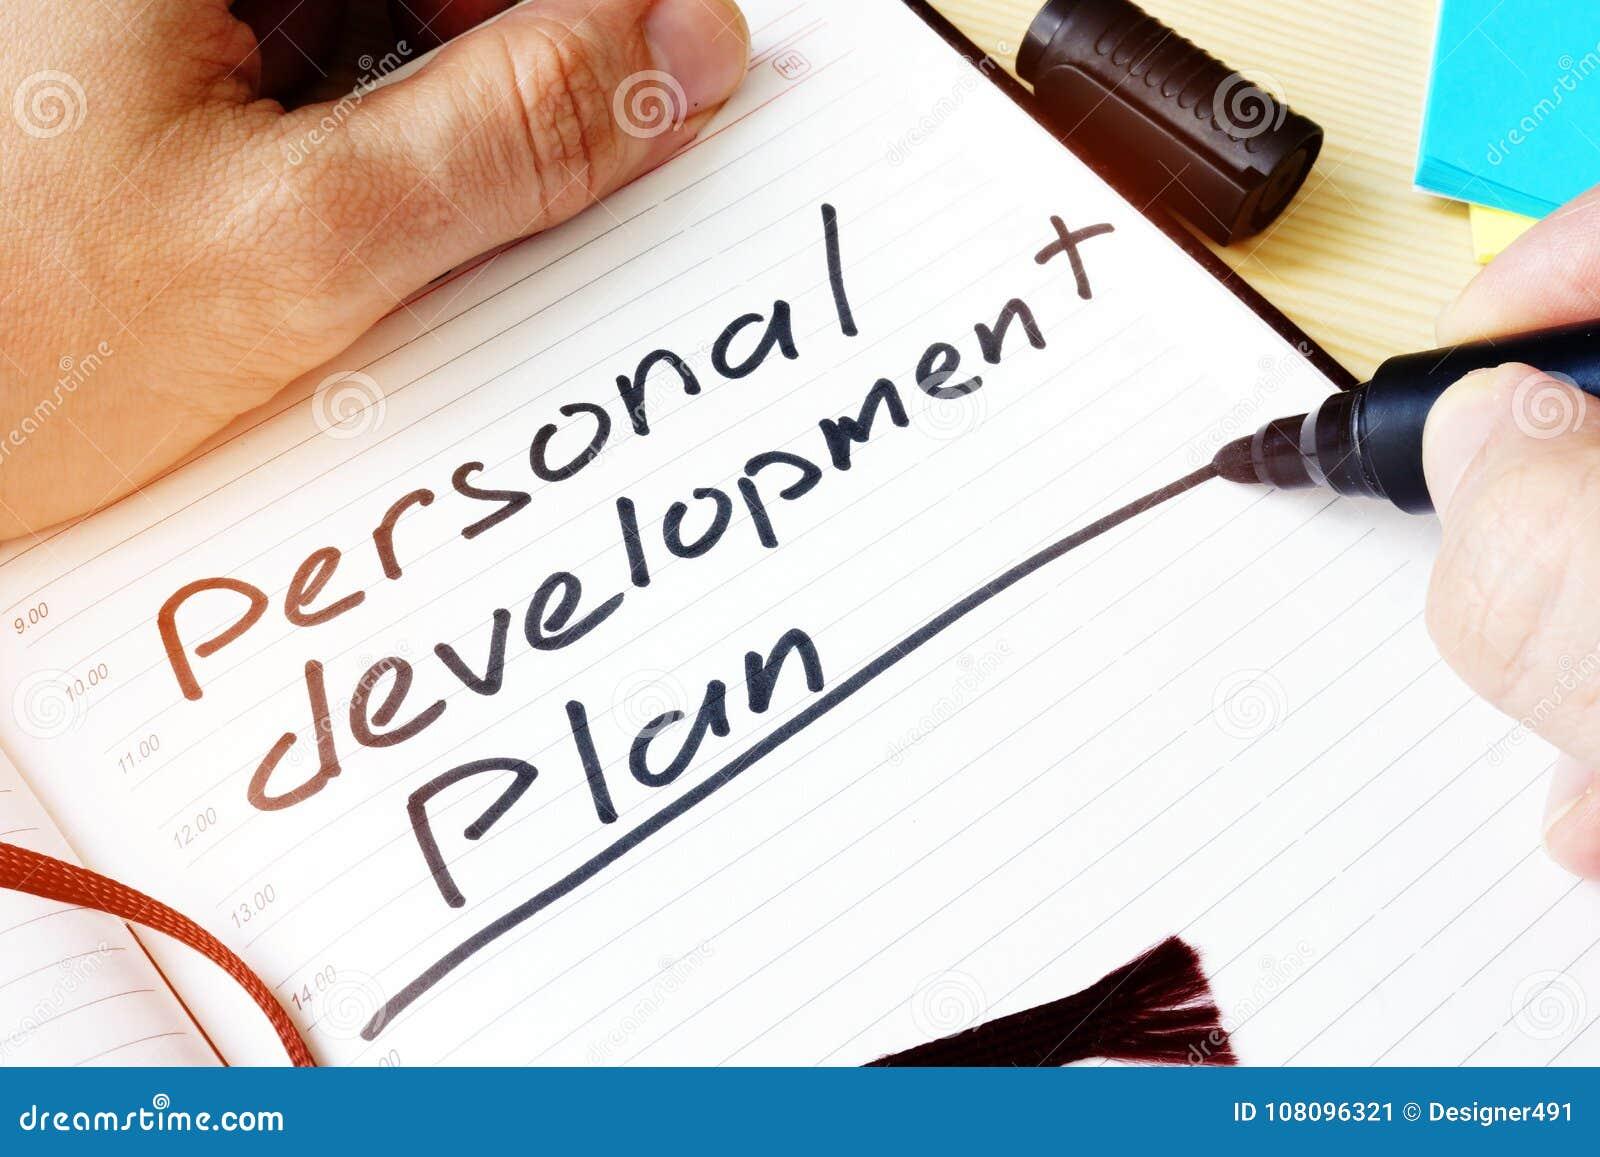 Hombre Que Escribe Plan De Desarrollo Personal Imagen de archivo ...